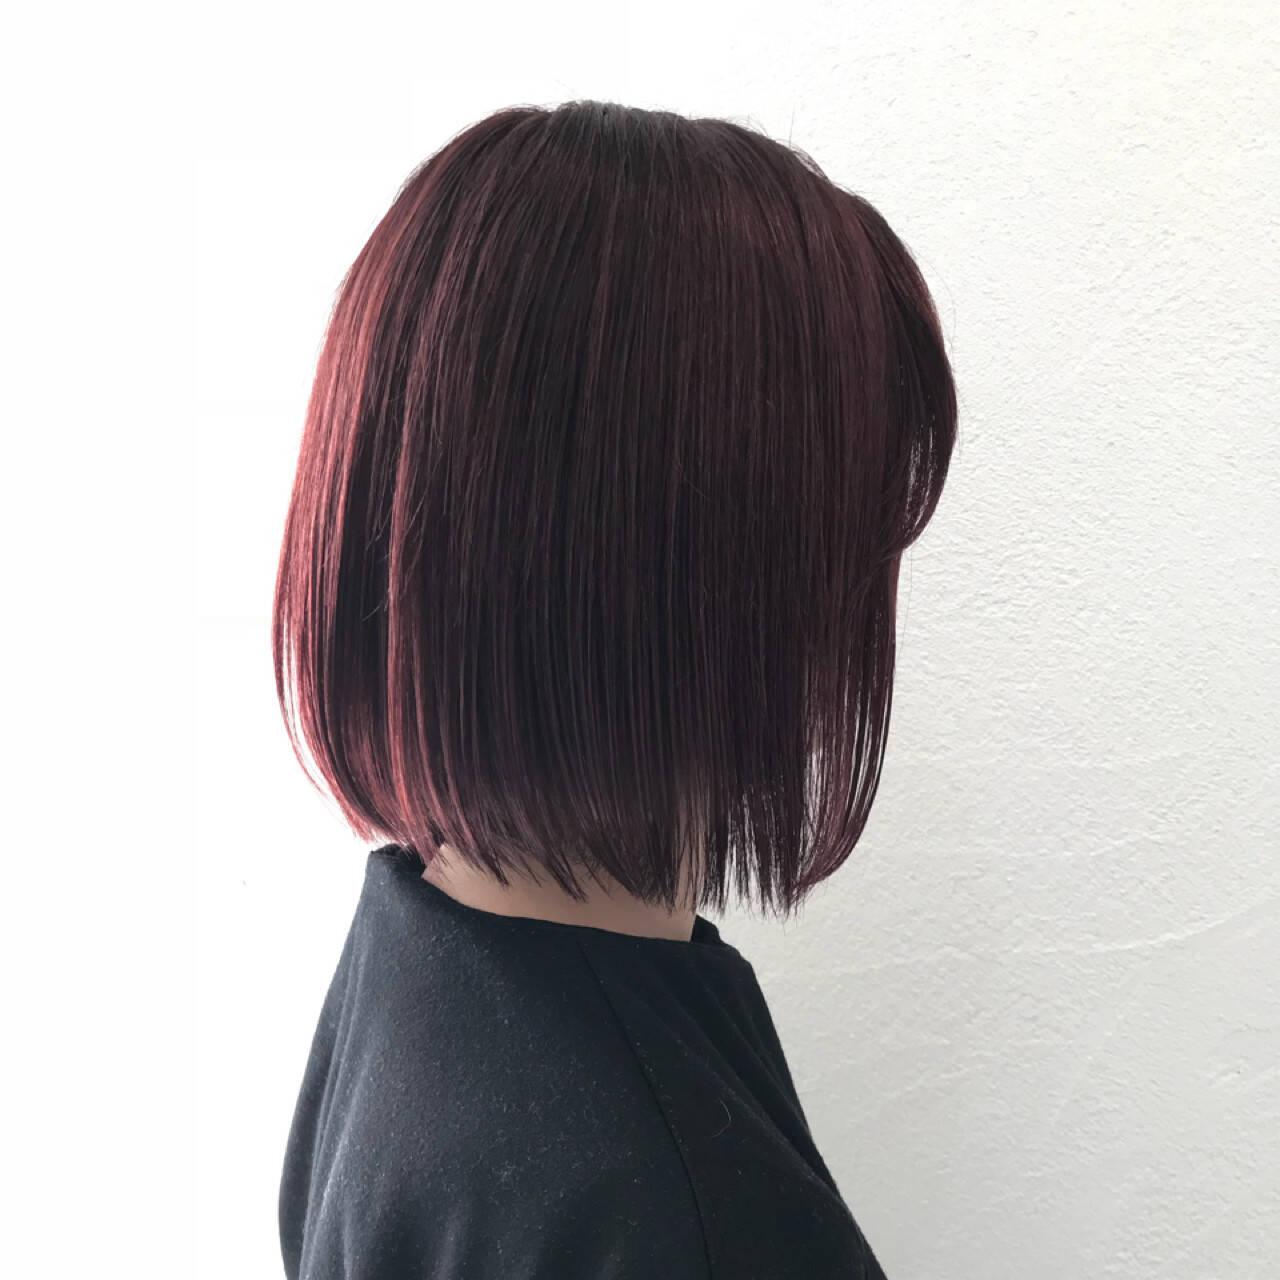 ベリーピンク 秋 ナチュラル ボブヘアスタイルや髪型の写真・画像